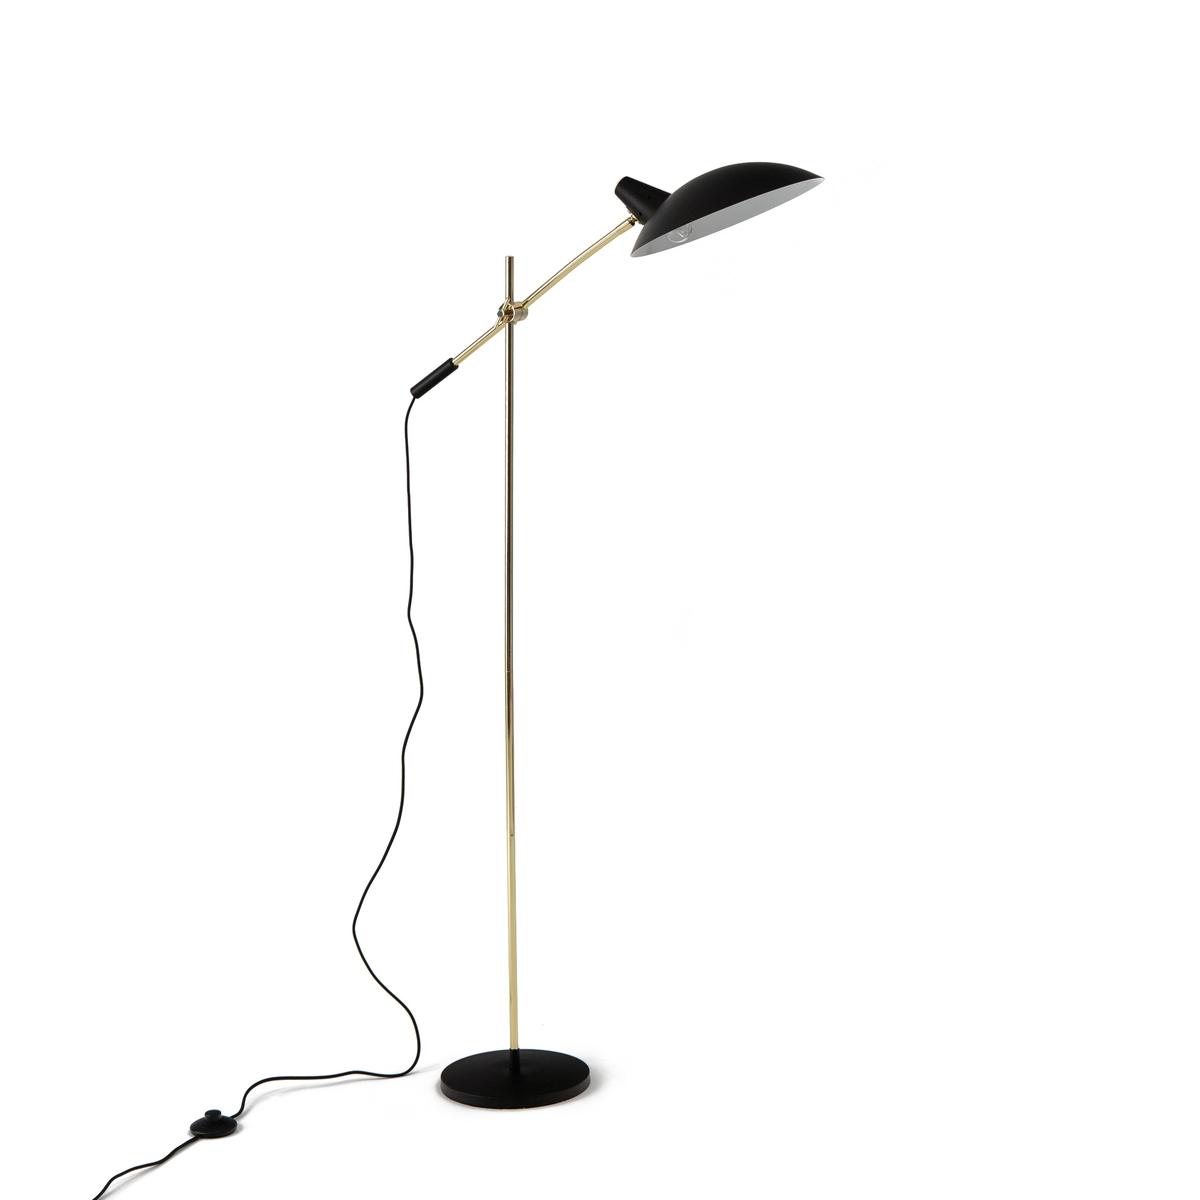 Торшер винтажный ROSELLA из металла и латуниТоршер винтажный ROSELLA из металла и латуни  . Металлический светильник с эпоксидной отделкой под латунь, элегантный и строгий дизайн в винтажном стиле . Будет идеально смотреться около кресла или дивана .Описание торшера Rosella :Патрон E14 для флюокомпактной лампочки макс. 8 Вт( не входит в комплект). Этот светильник совместим с лампочками энергетического класса A  .Характеристики торшера Rosella :- Каркас из металла с эпоксидным покрытием под латунь .-Регулируется по высоте и по направлению .Найдите другие модели из коллекции Rosella на сайте laredoute.ruРазмеры торшера Rosella :- Высота 135 см x L72 см x P30 см. - Абажур ?30 x H7,2 см .- Основание : ?23 x H2,5 см. Размеры и вес ящика :36 x 16 x 67 смВес 5,4 кг<br><br>Цвет: черный/латунь<br>Размер: единый размер